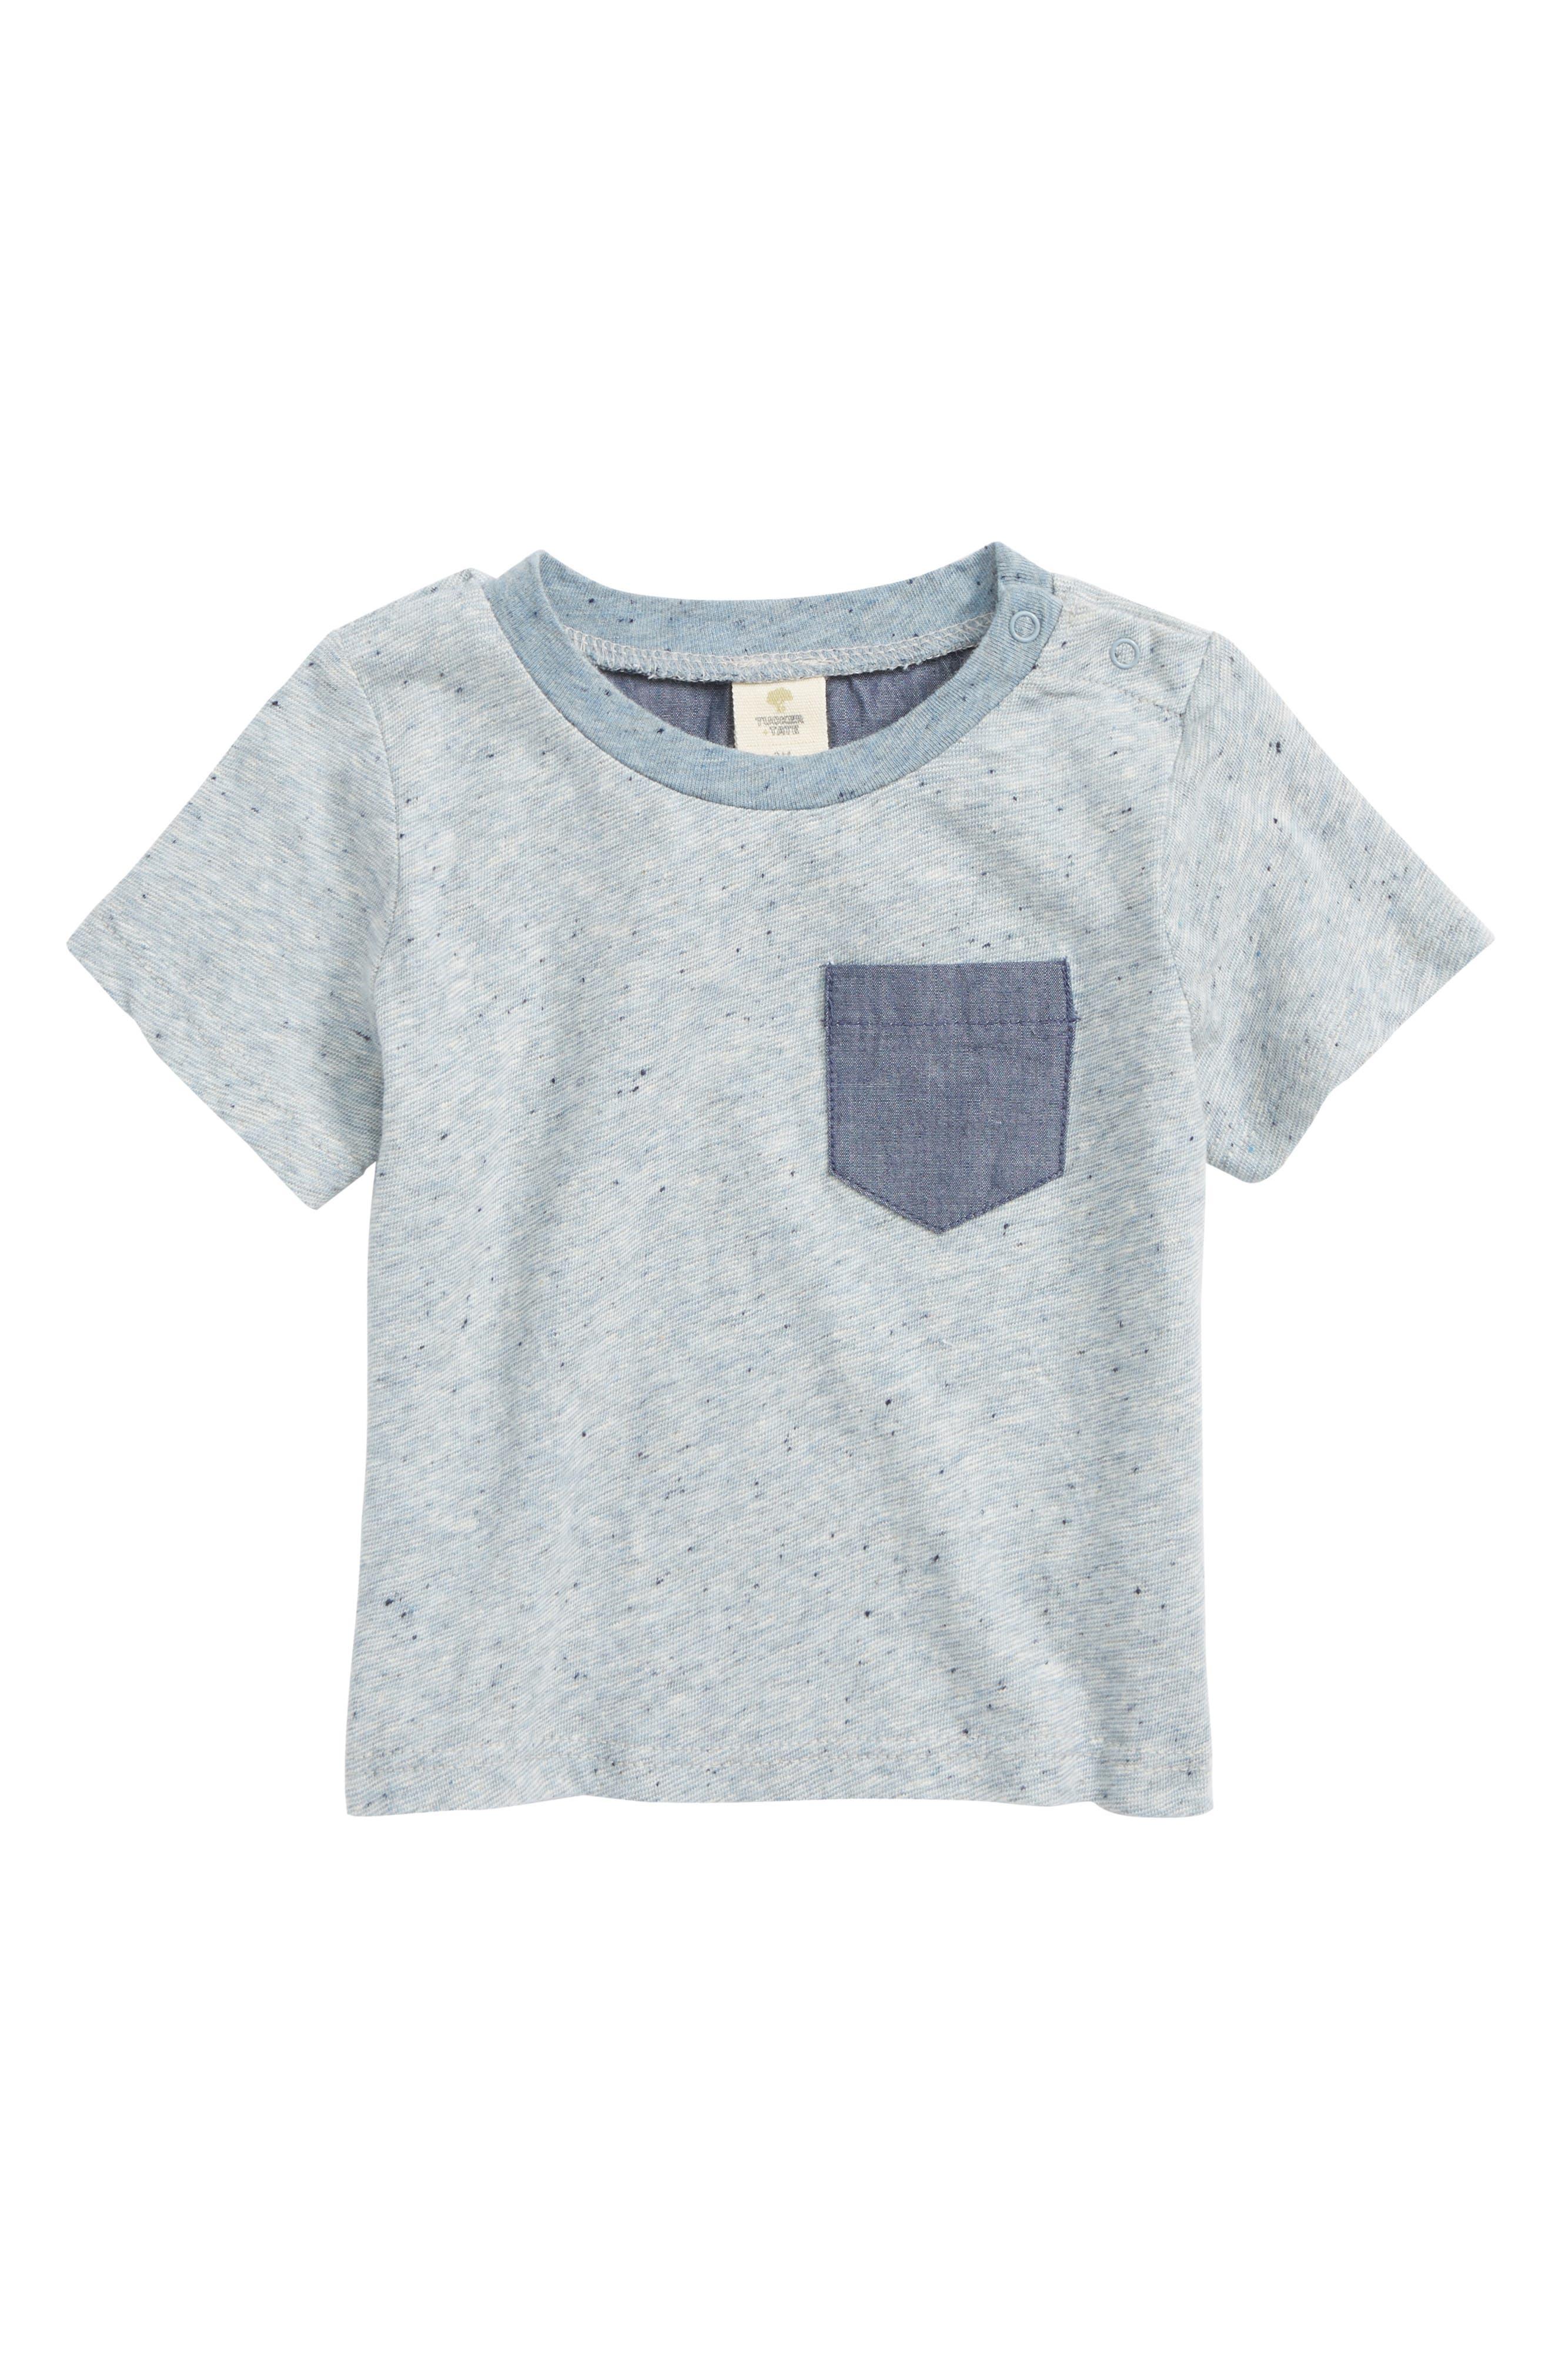 TUCKER + TATE, Pocket T-Shirt, Main thumbnail 1, color, BLUE DUSK